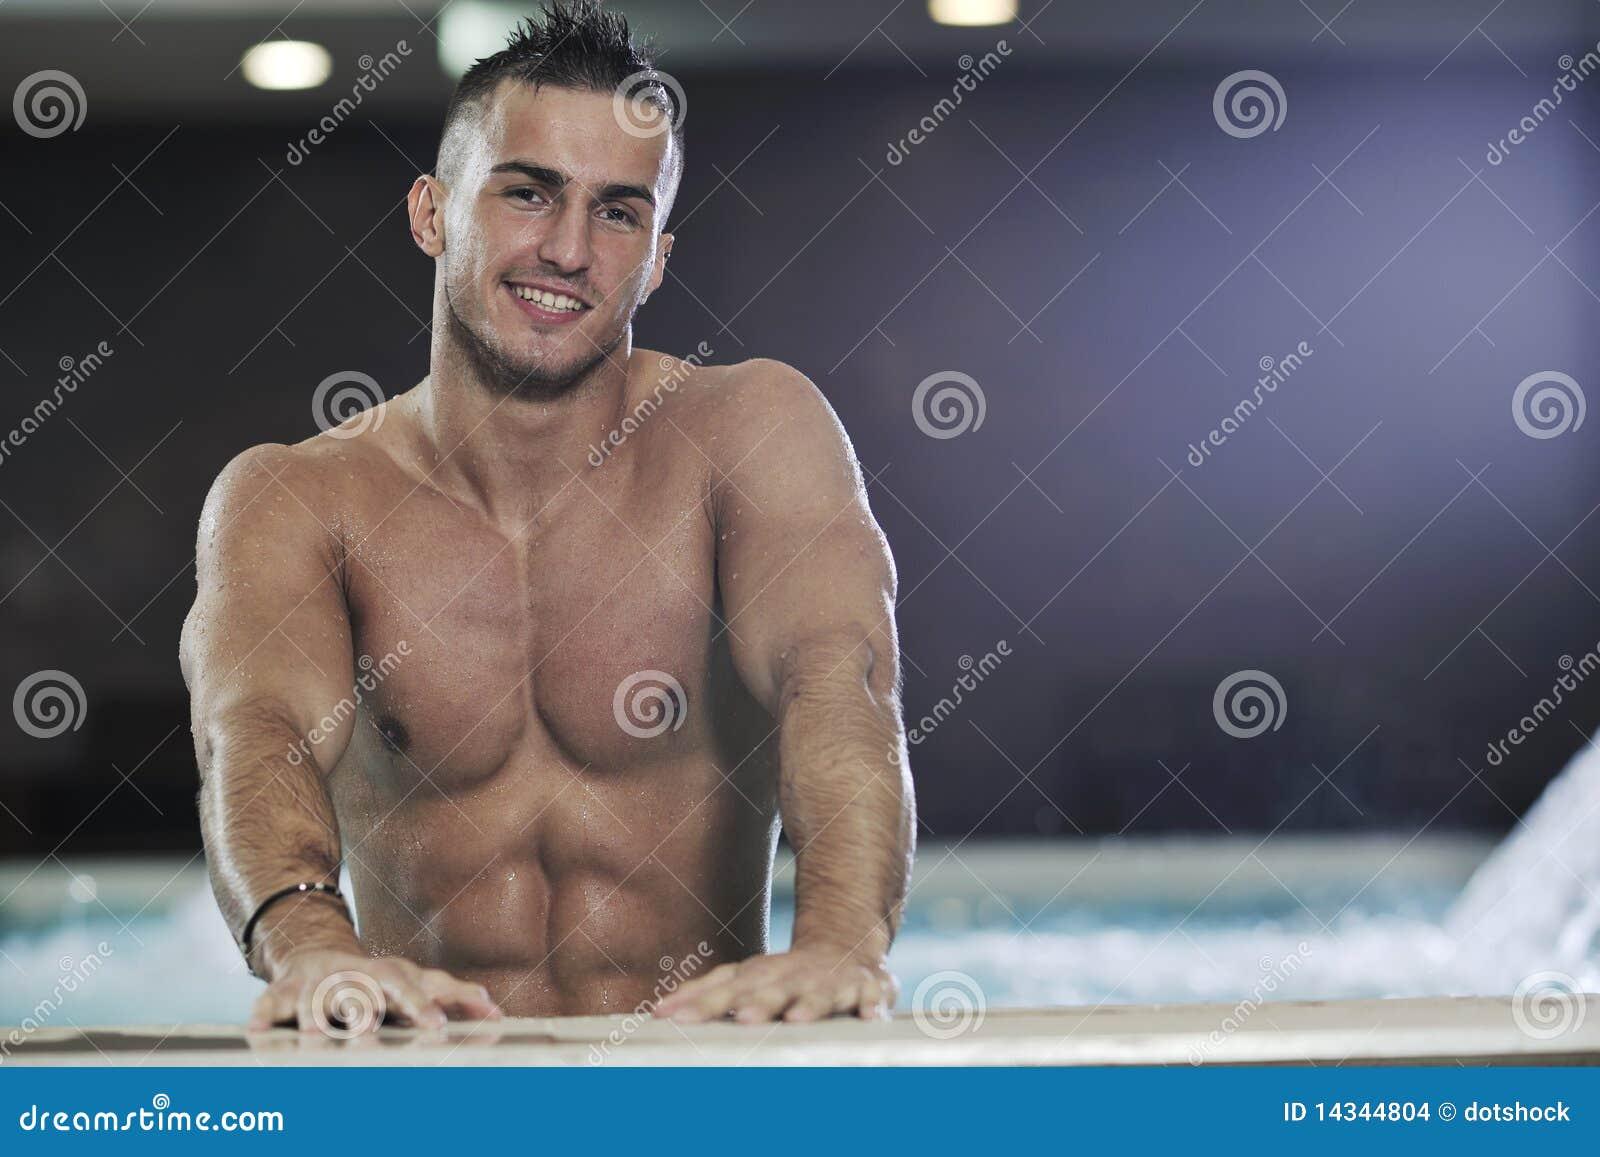 Фото красивый парень в бассейне 15 фотография